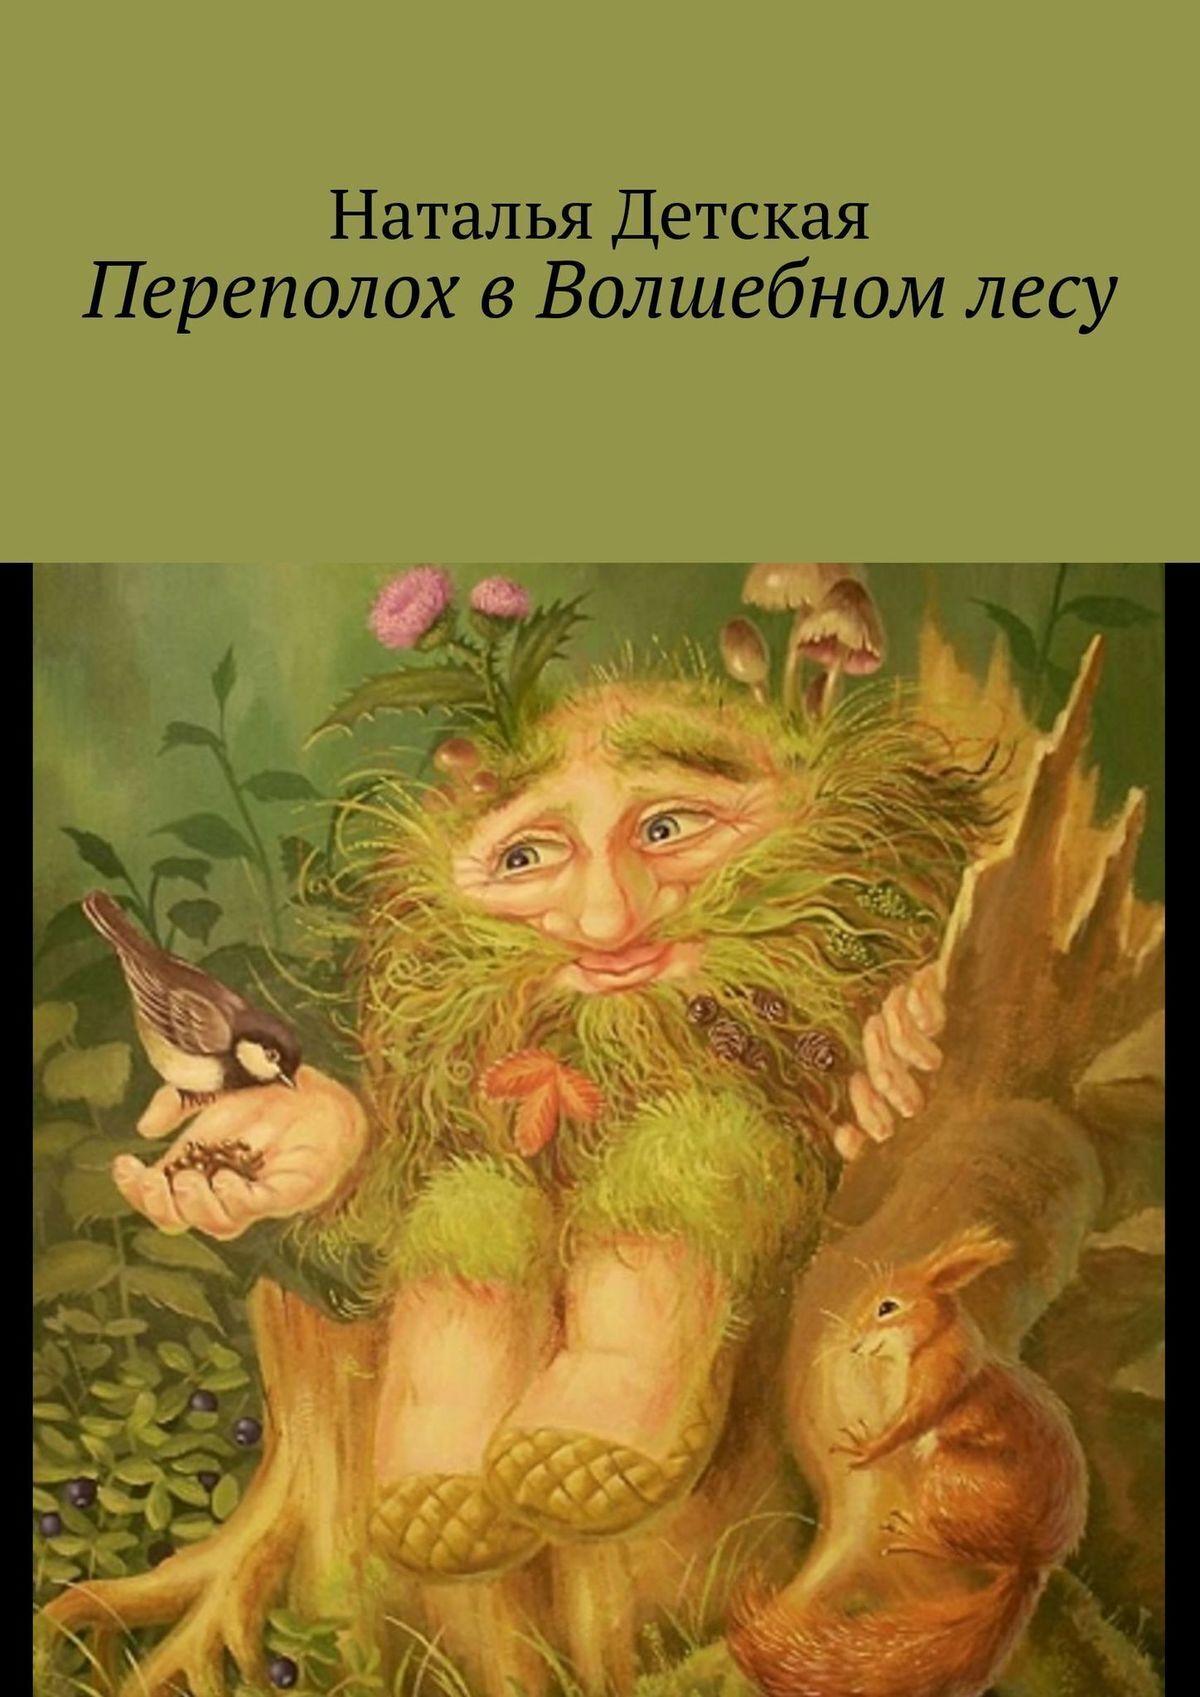 Наталья Детская Когда звенят серебряные колокольчики андрей красников серебряные колокольчики